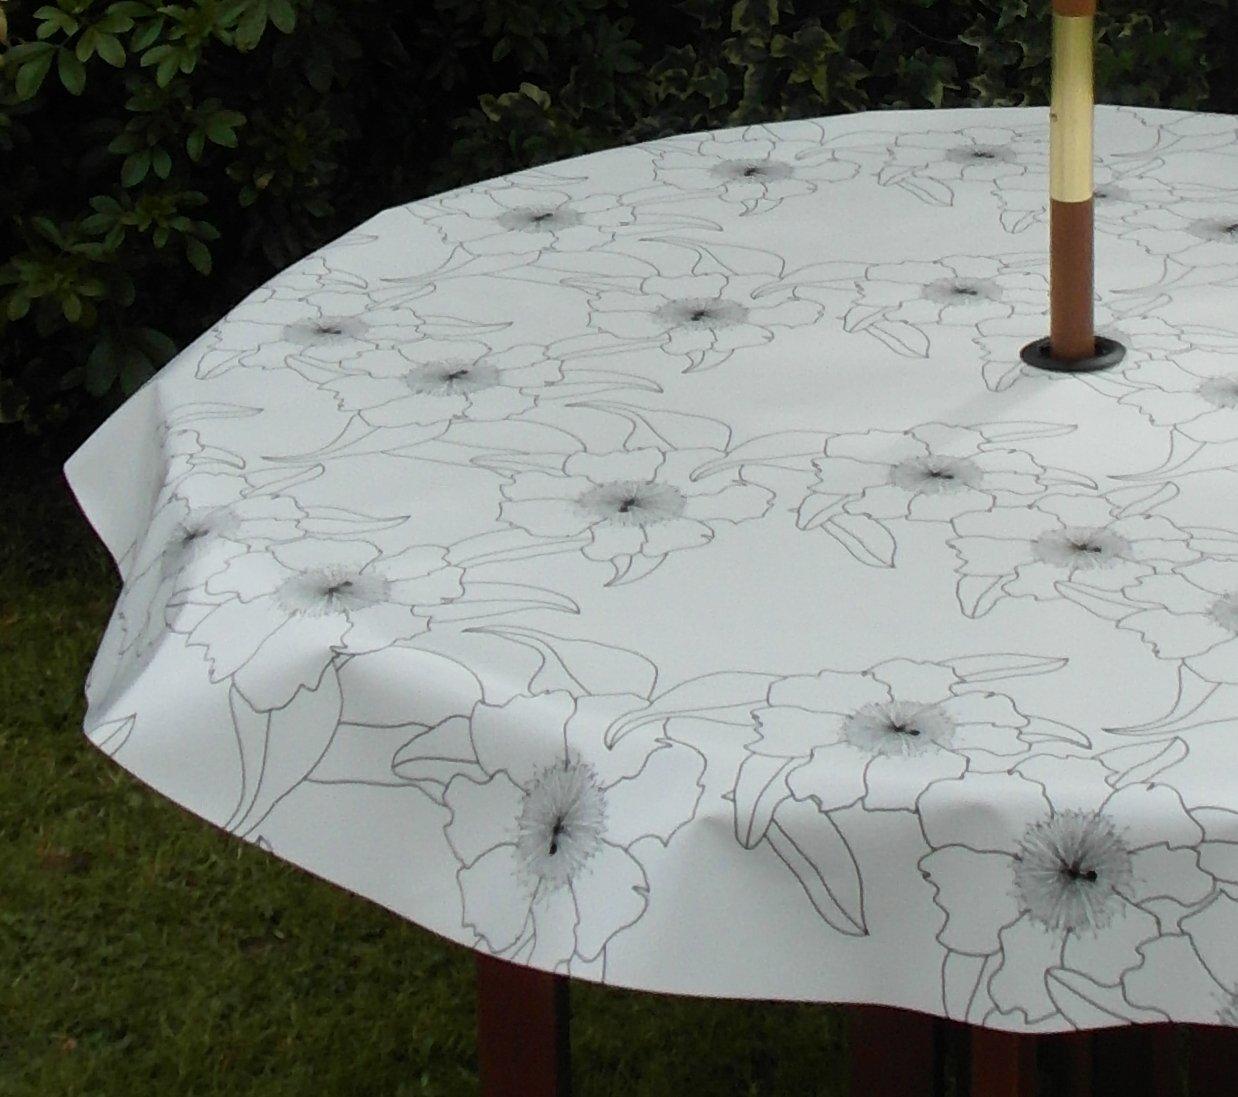 1397 x 1981 cm 14 x 20 m nappe ovale en pvcvinyle pochoir fleur noir sur blanc avec trou parasol amazonfr cuisine maison - Toile Ciree Pour Table De Jardin